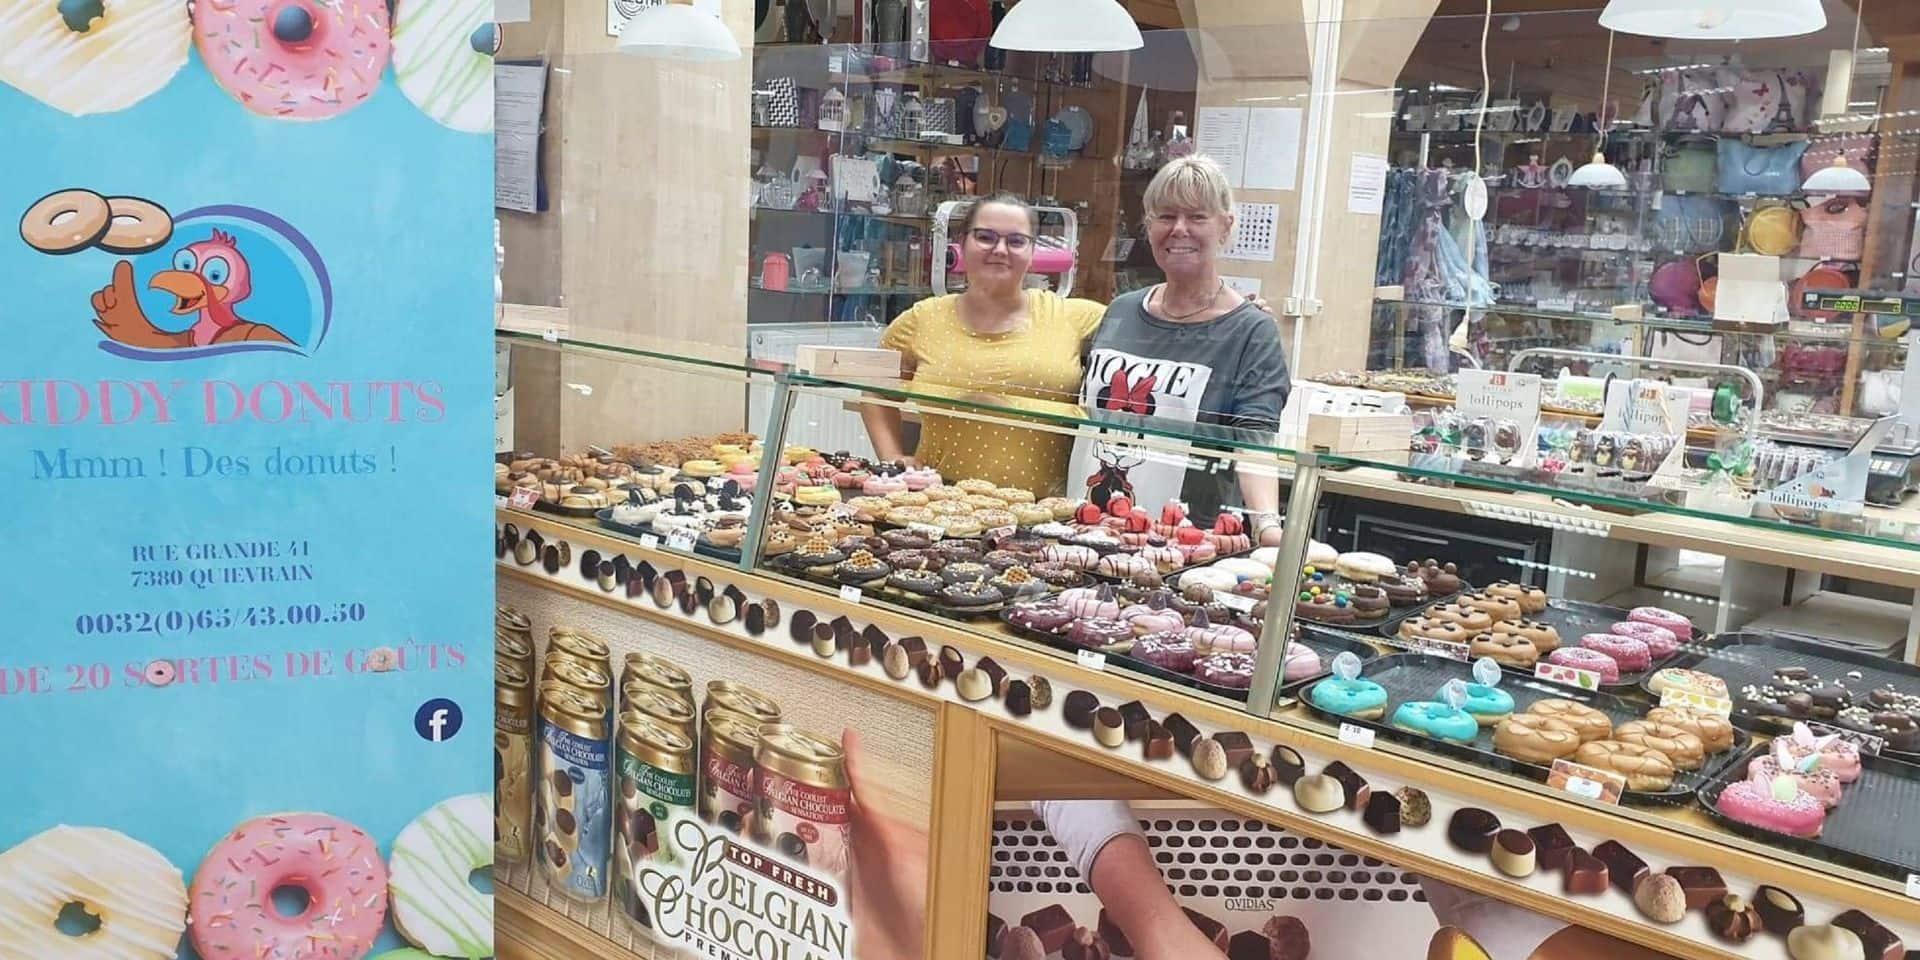 Une pluie de délicieux donuts à Quiévrain